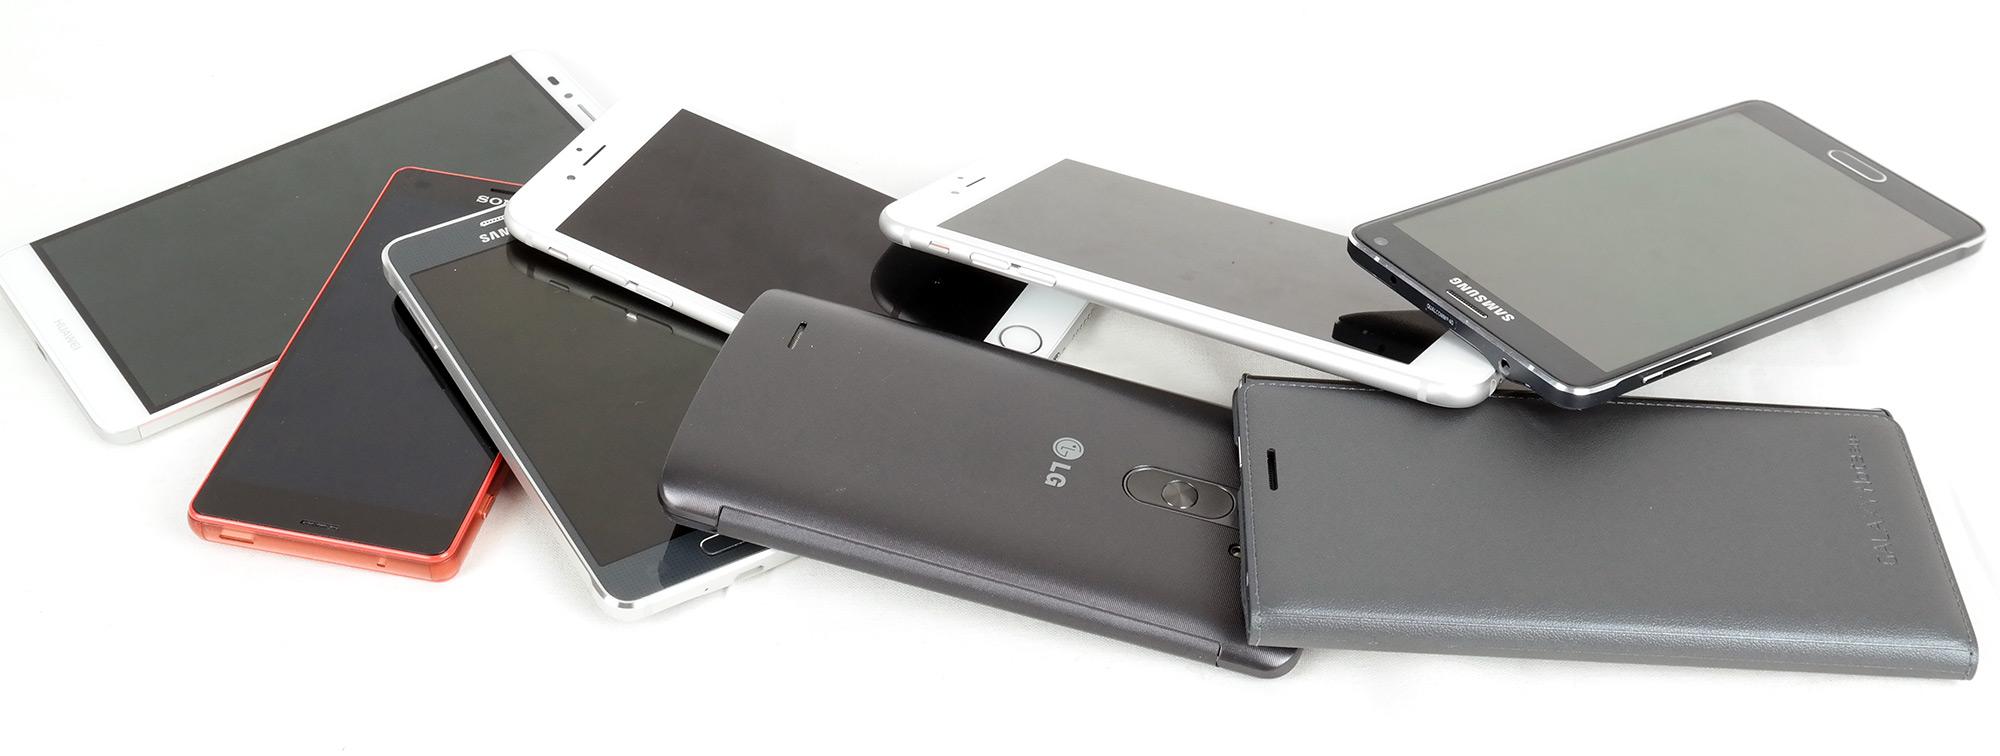 Smartphones_00